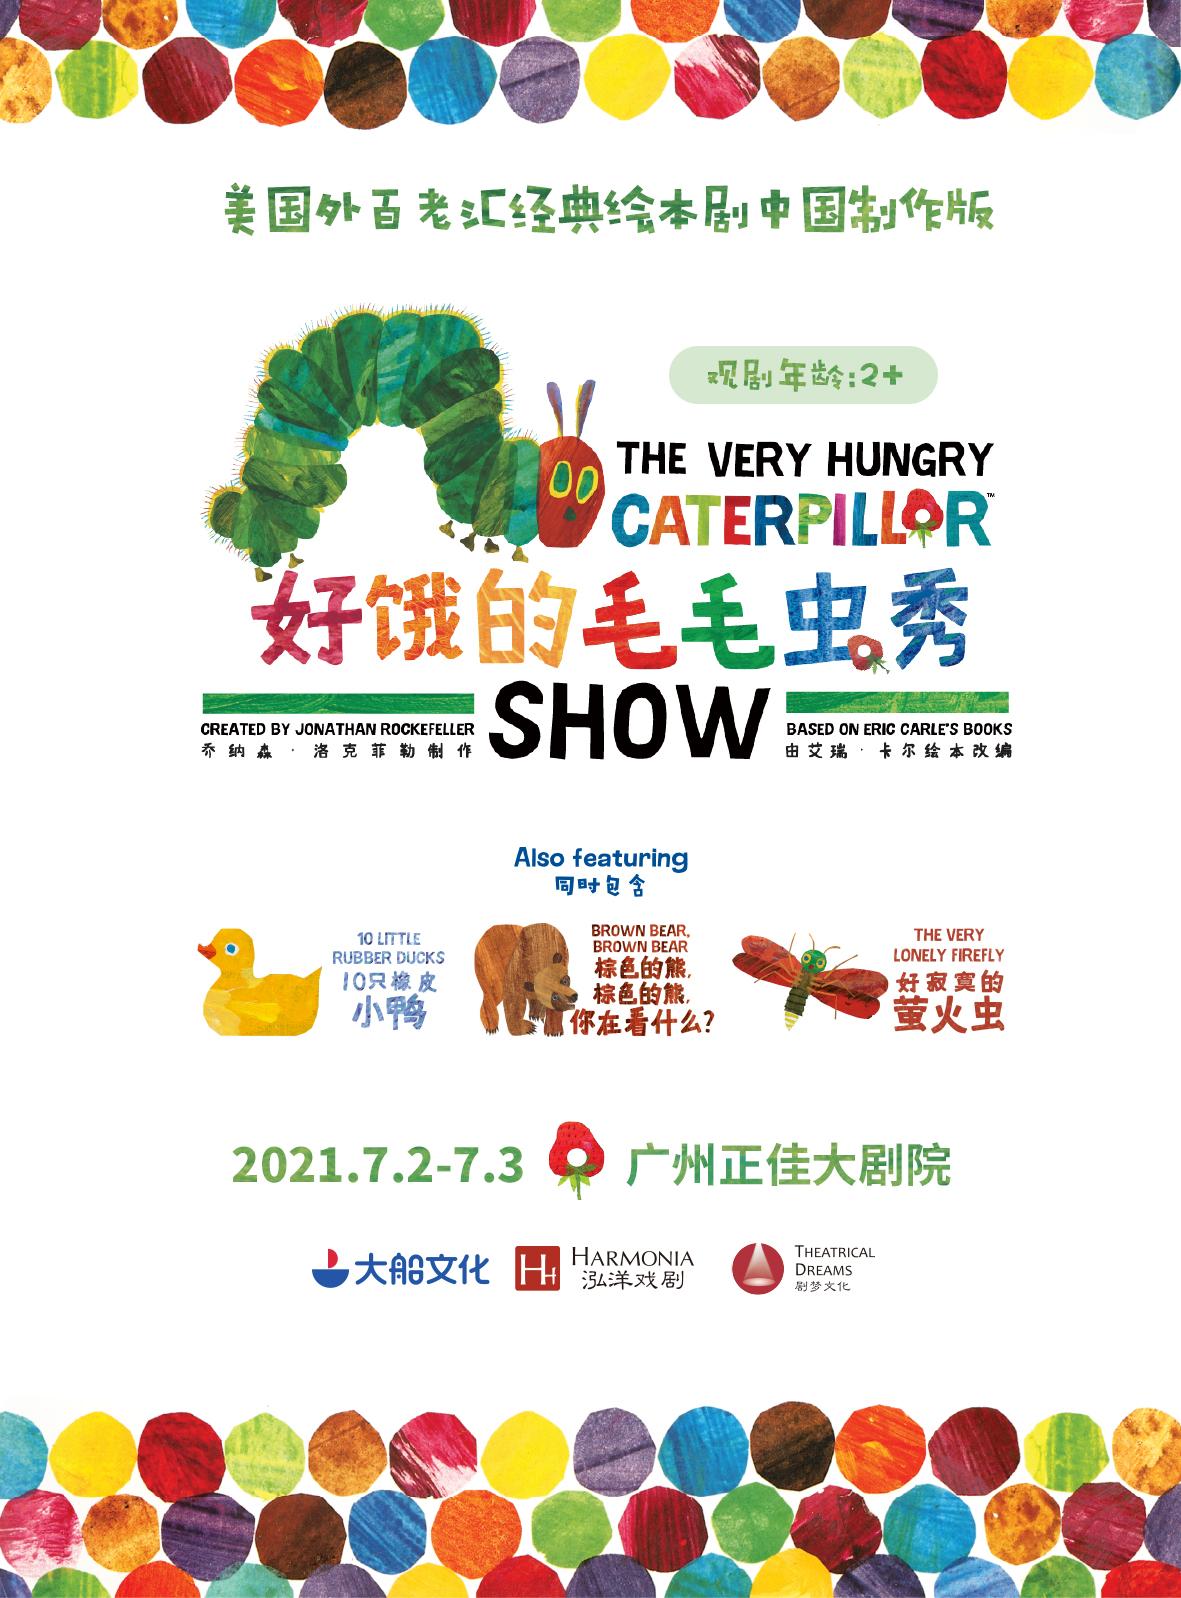 舞台剧《好饿的毛毛虫秀》广州站